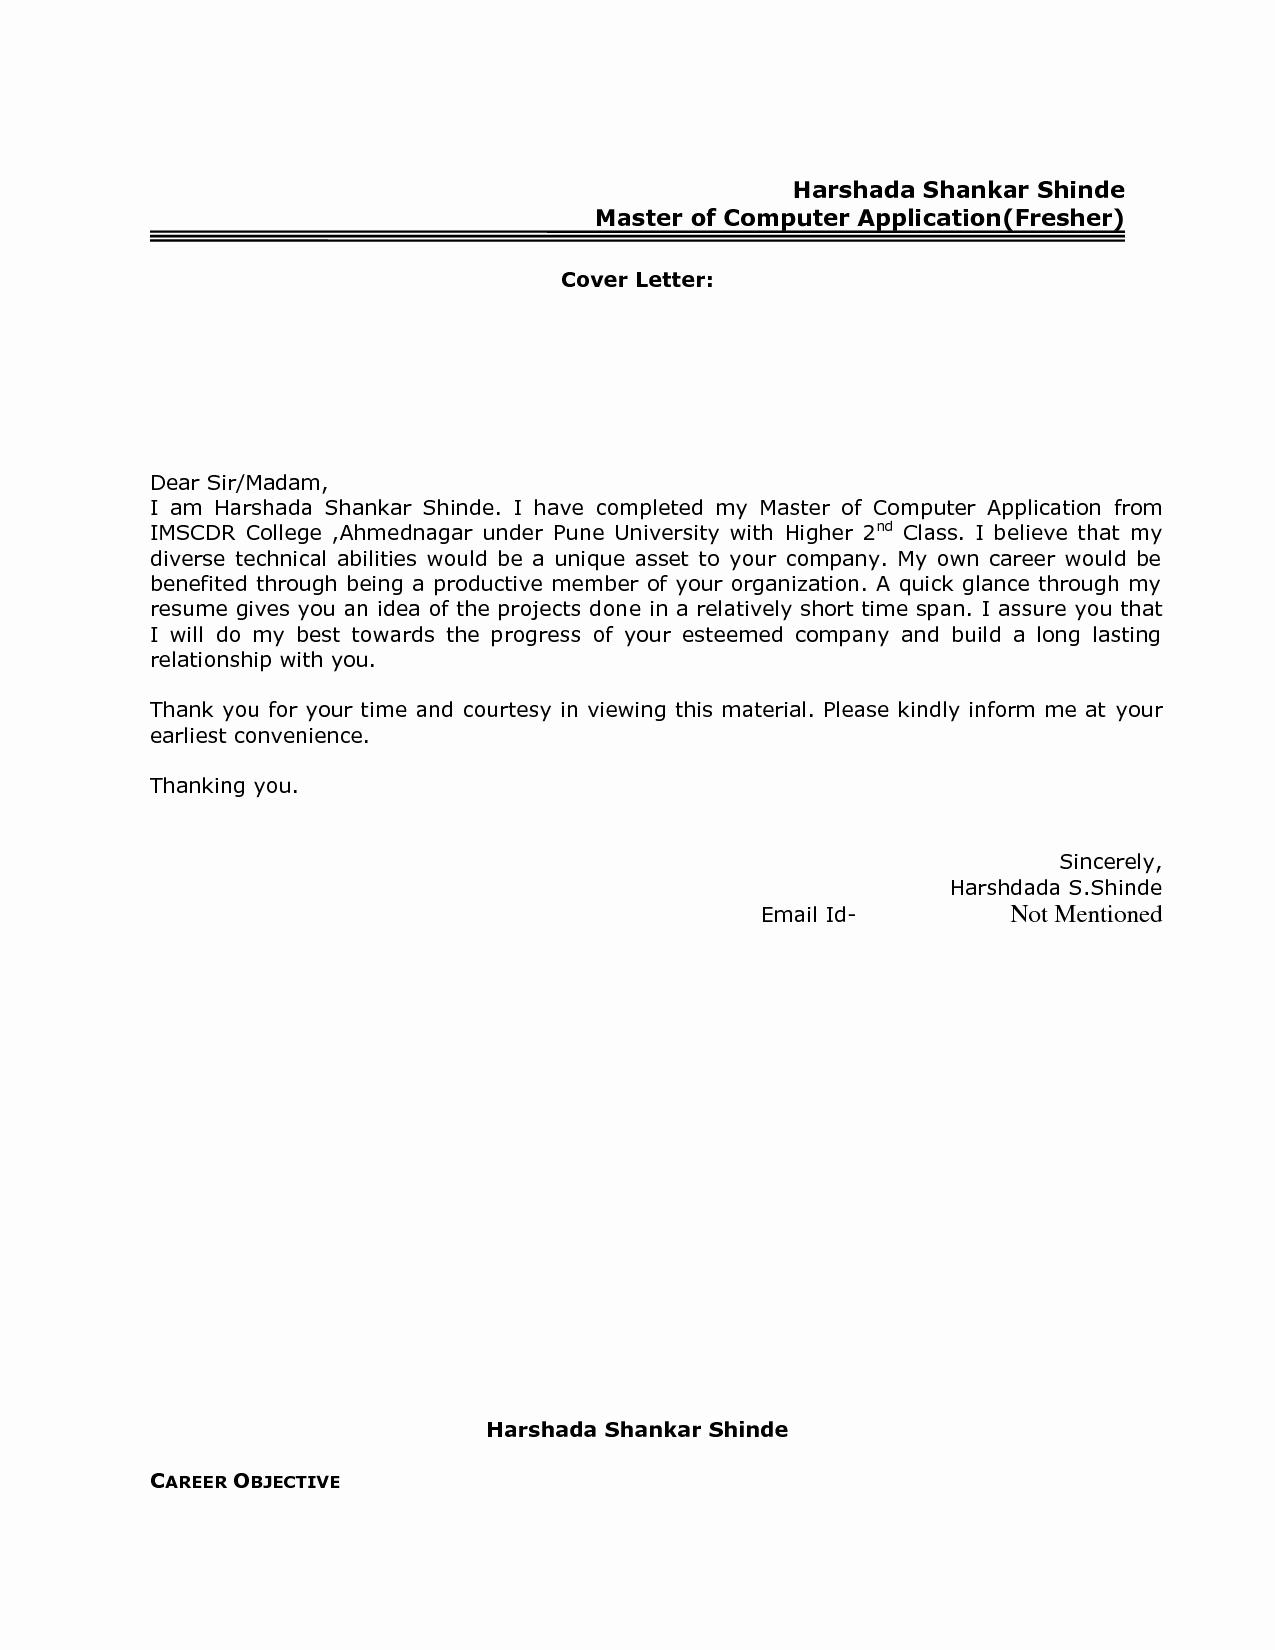 Best Resume Cover Letter format for Freshers Govt Jobcover